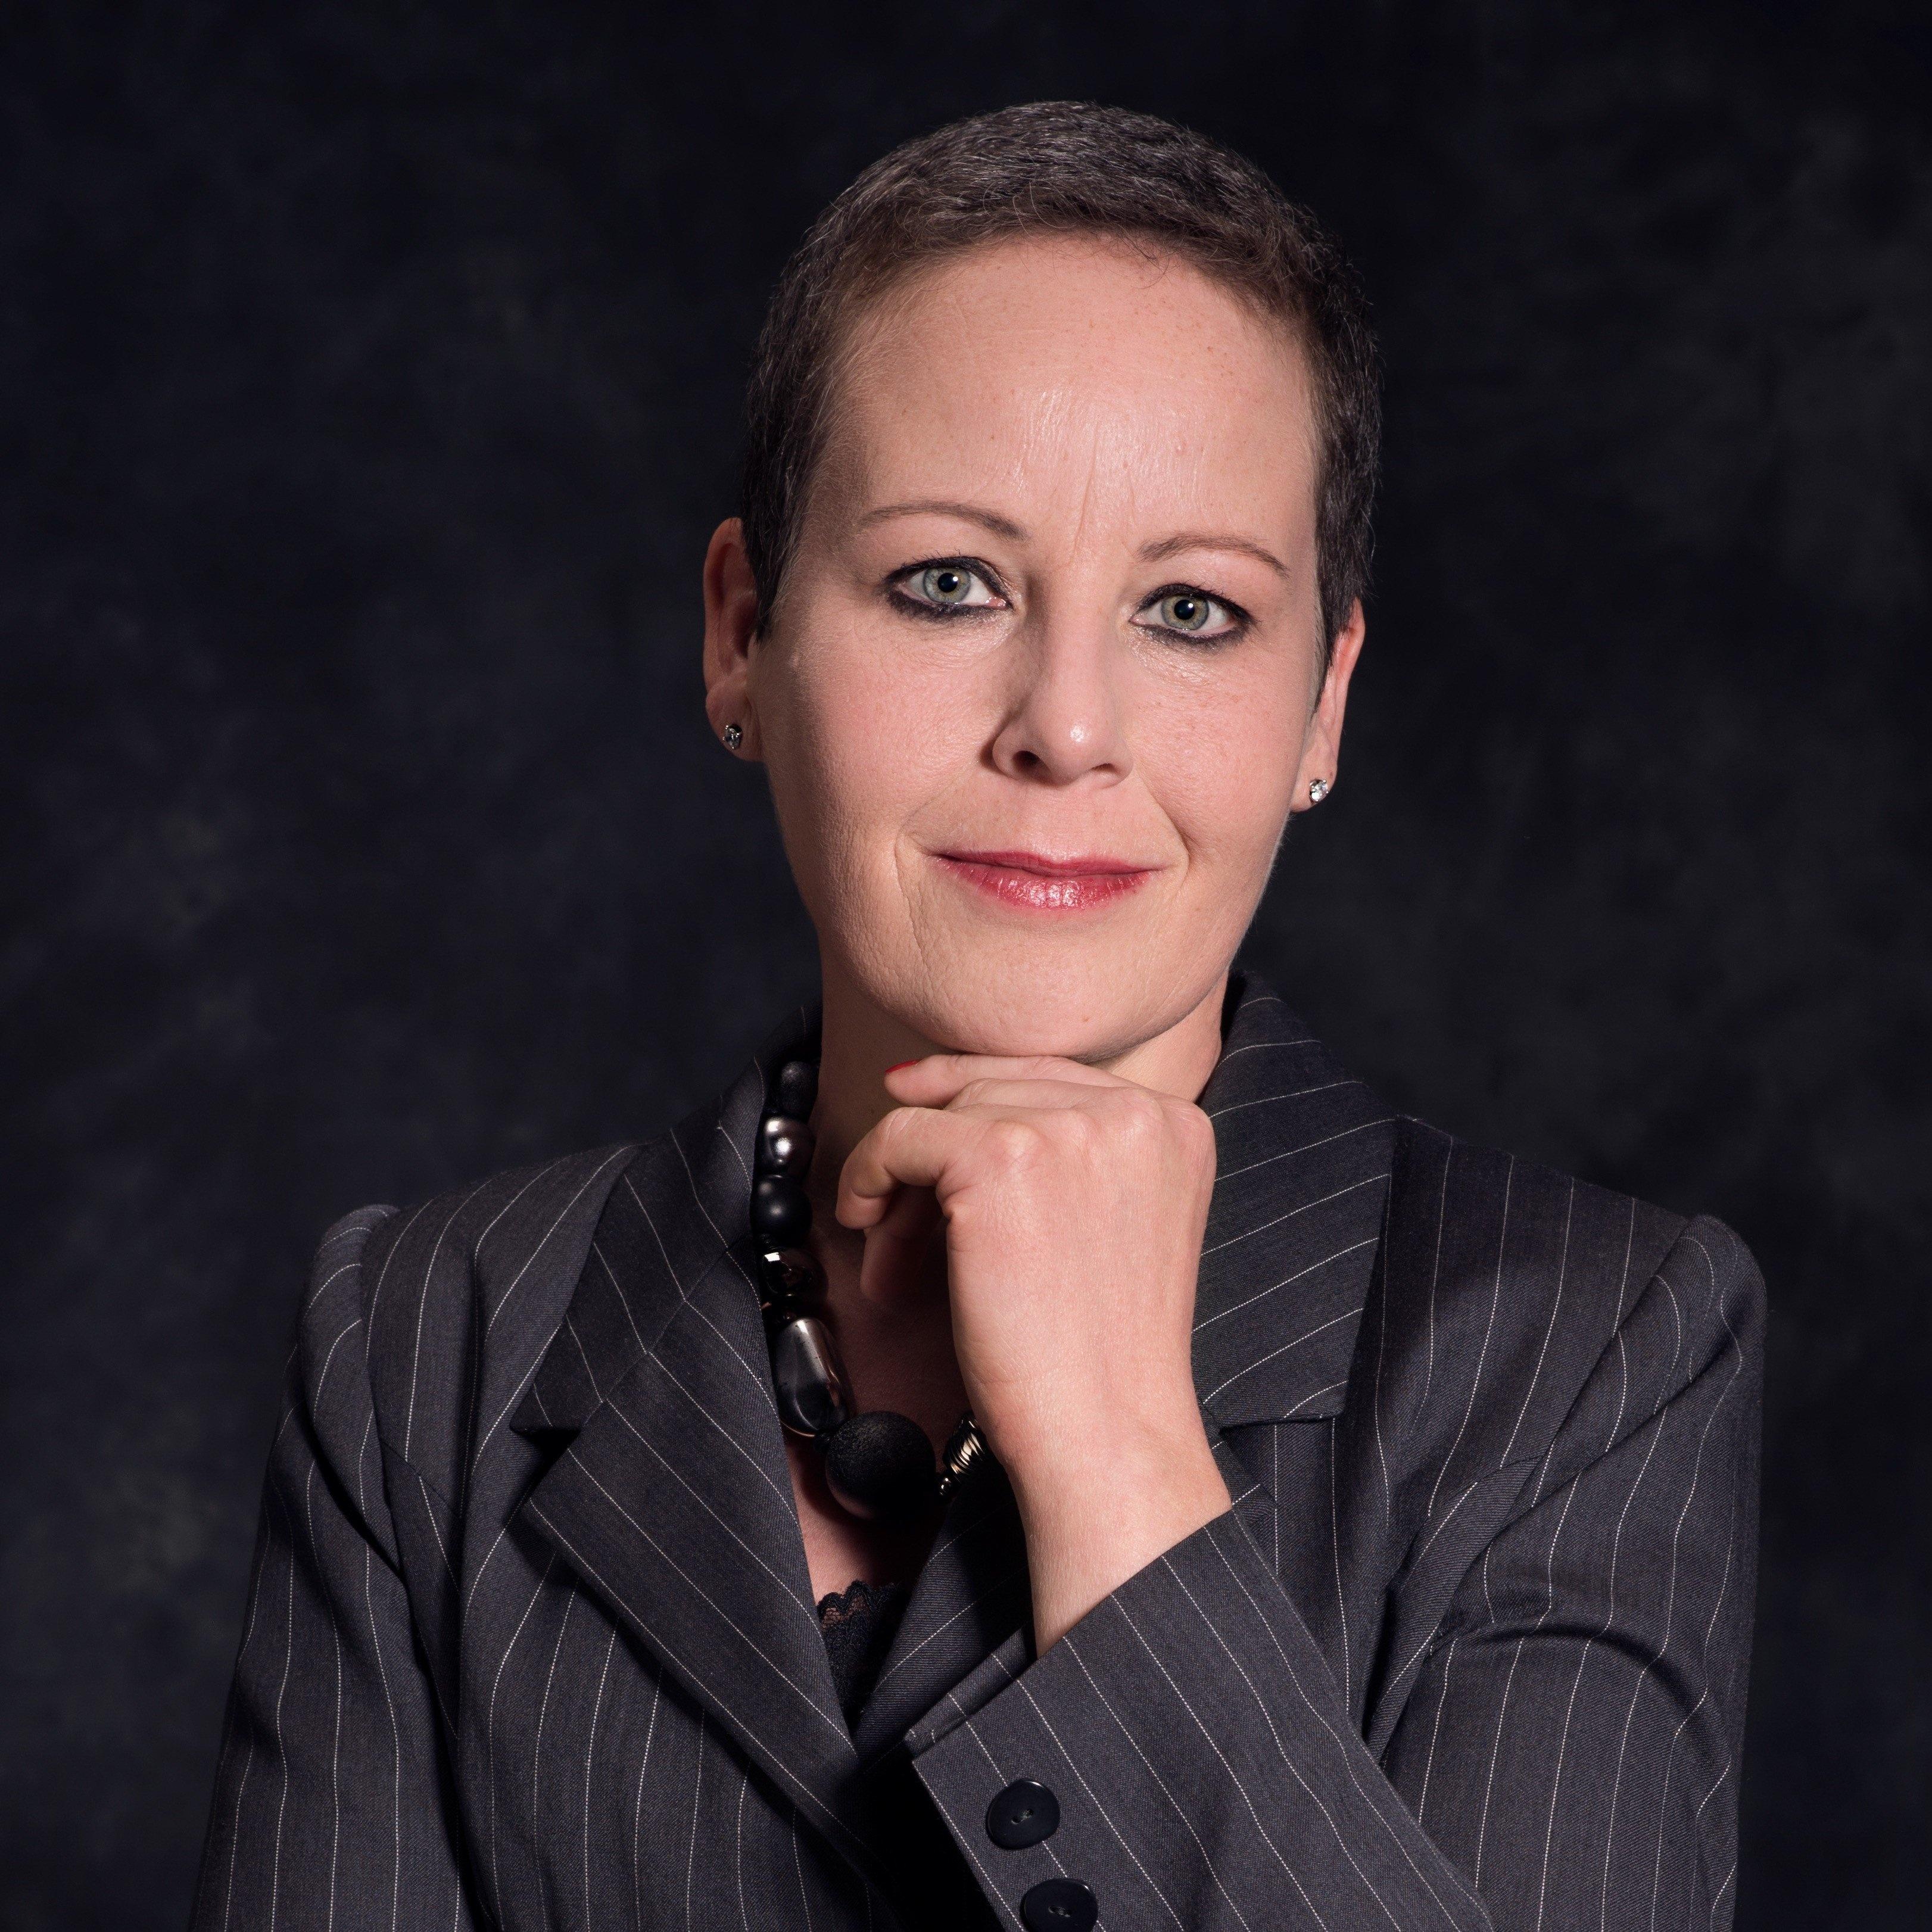 Eliana Wüst